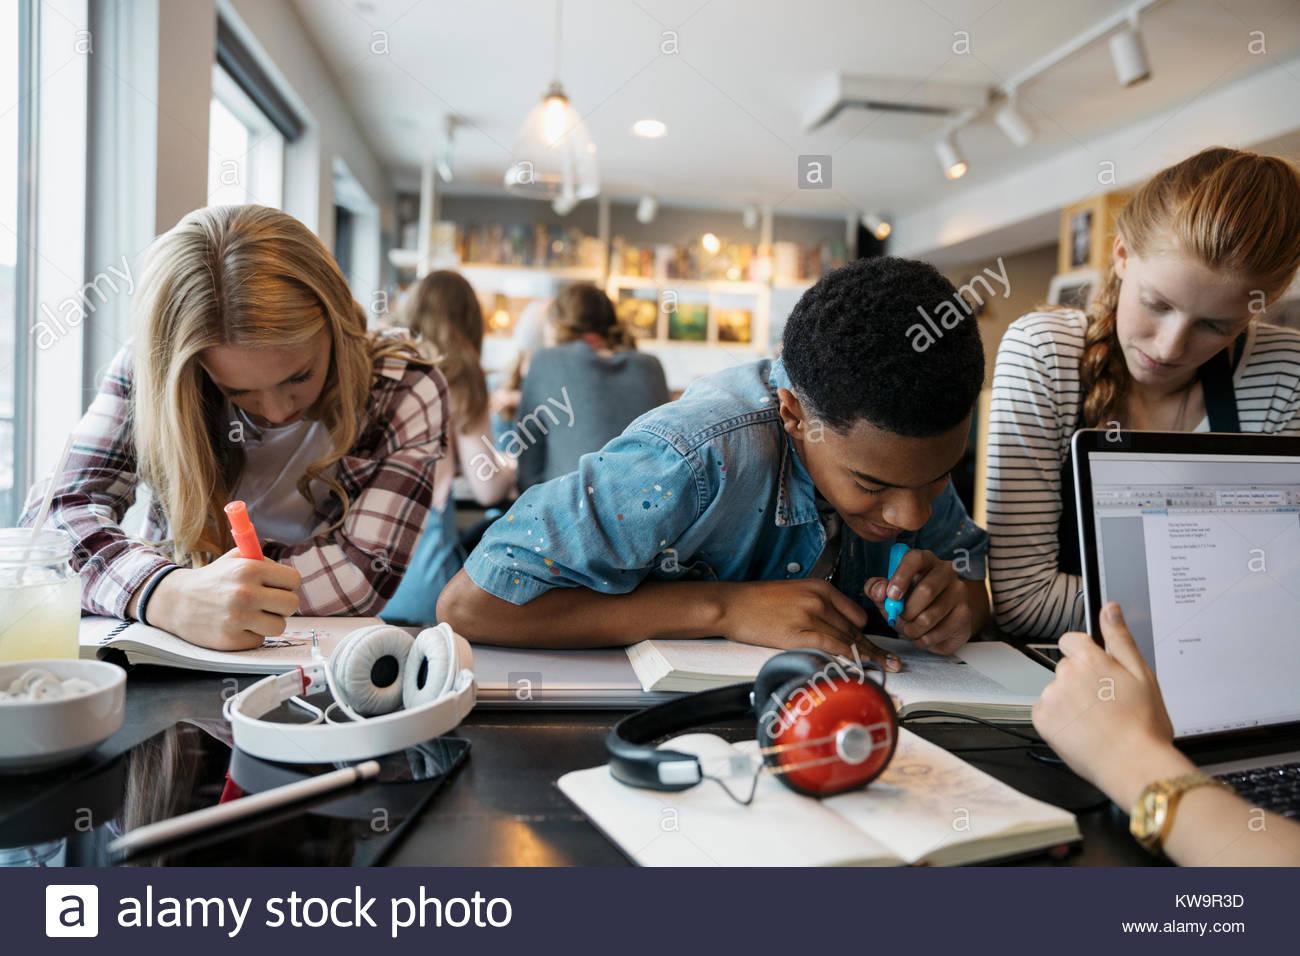 Les élèves du secondaire étudiant au cafe table Photo Stock